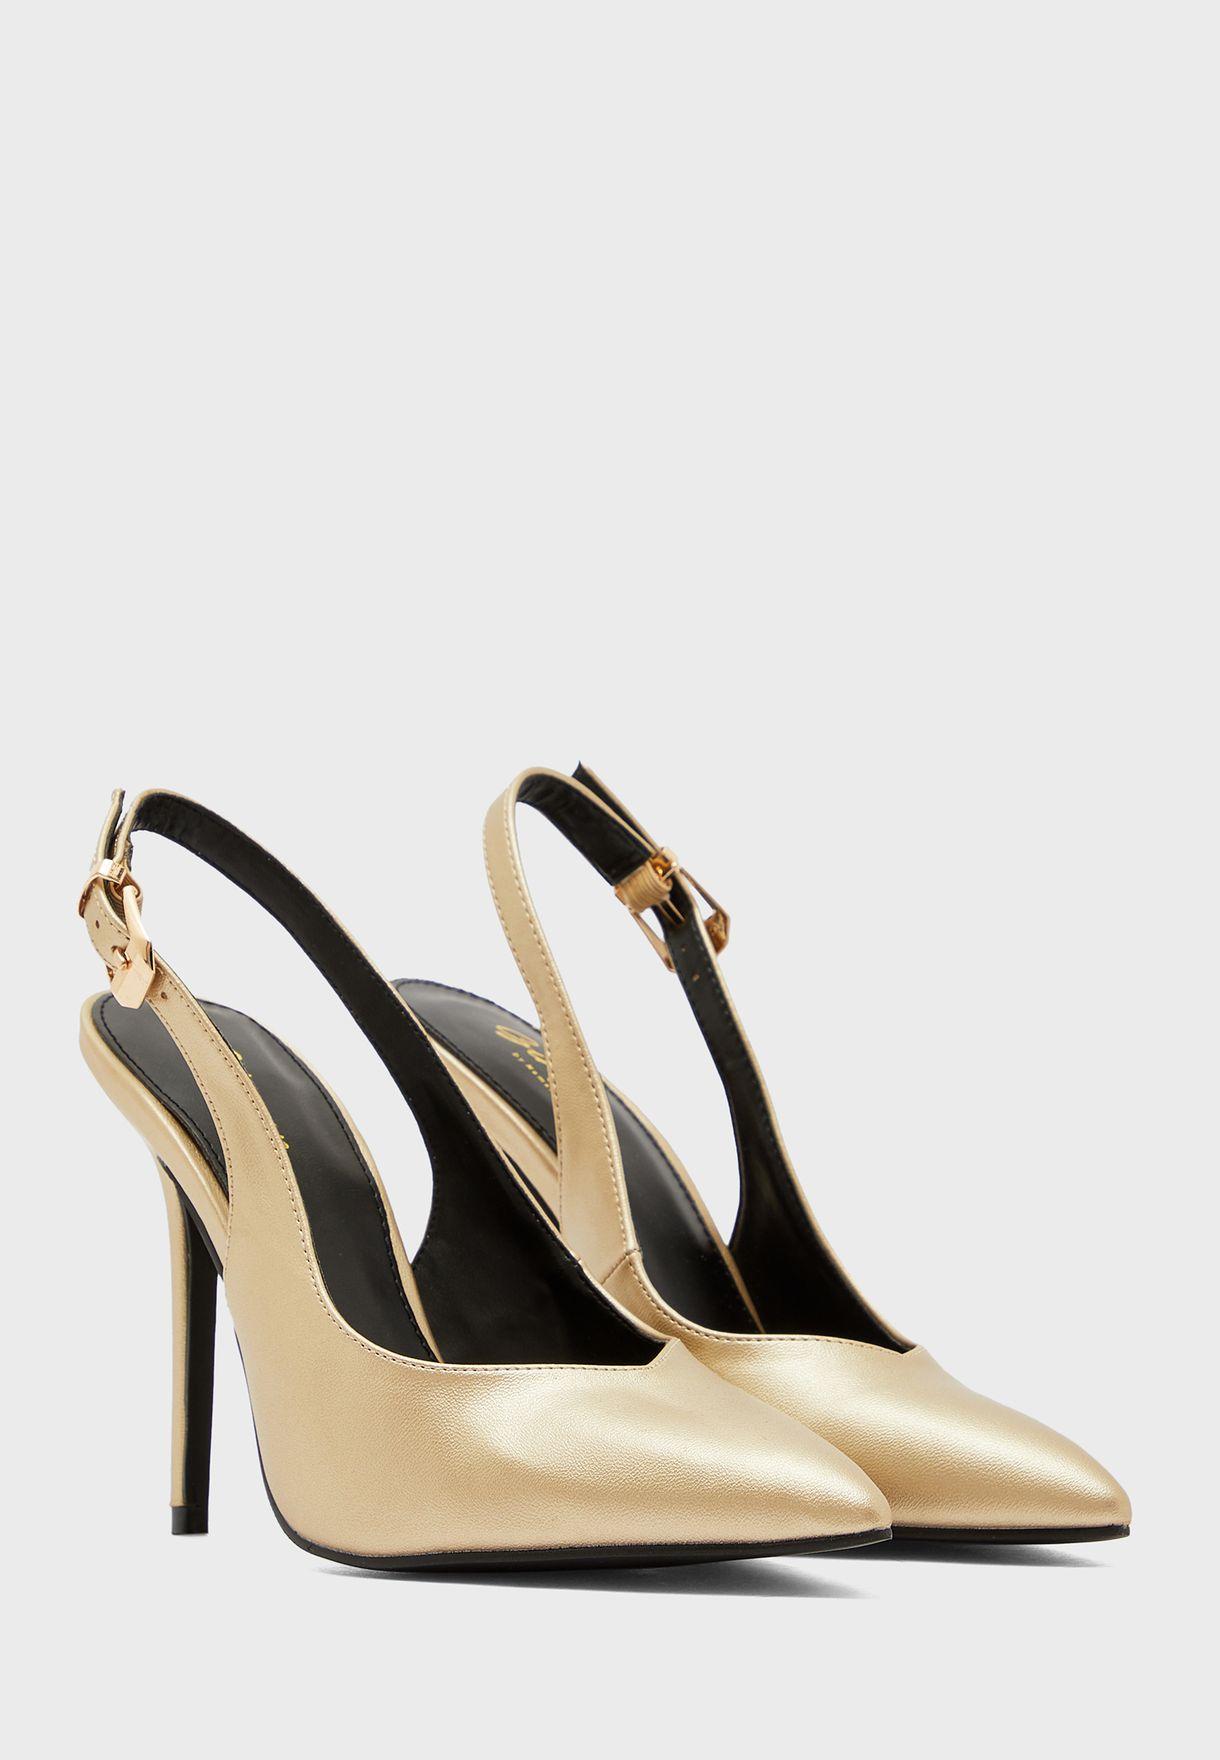 حذاء بمقدمة مدببة وكعب عالي